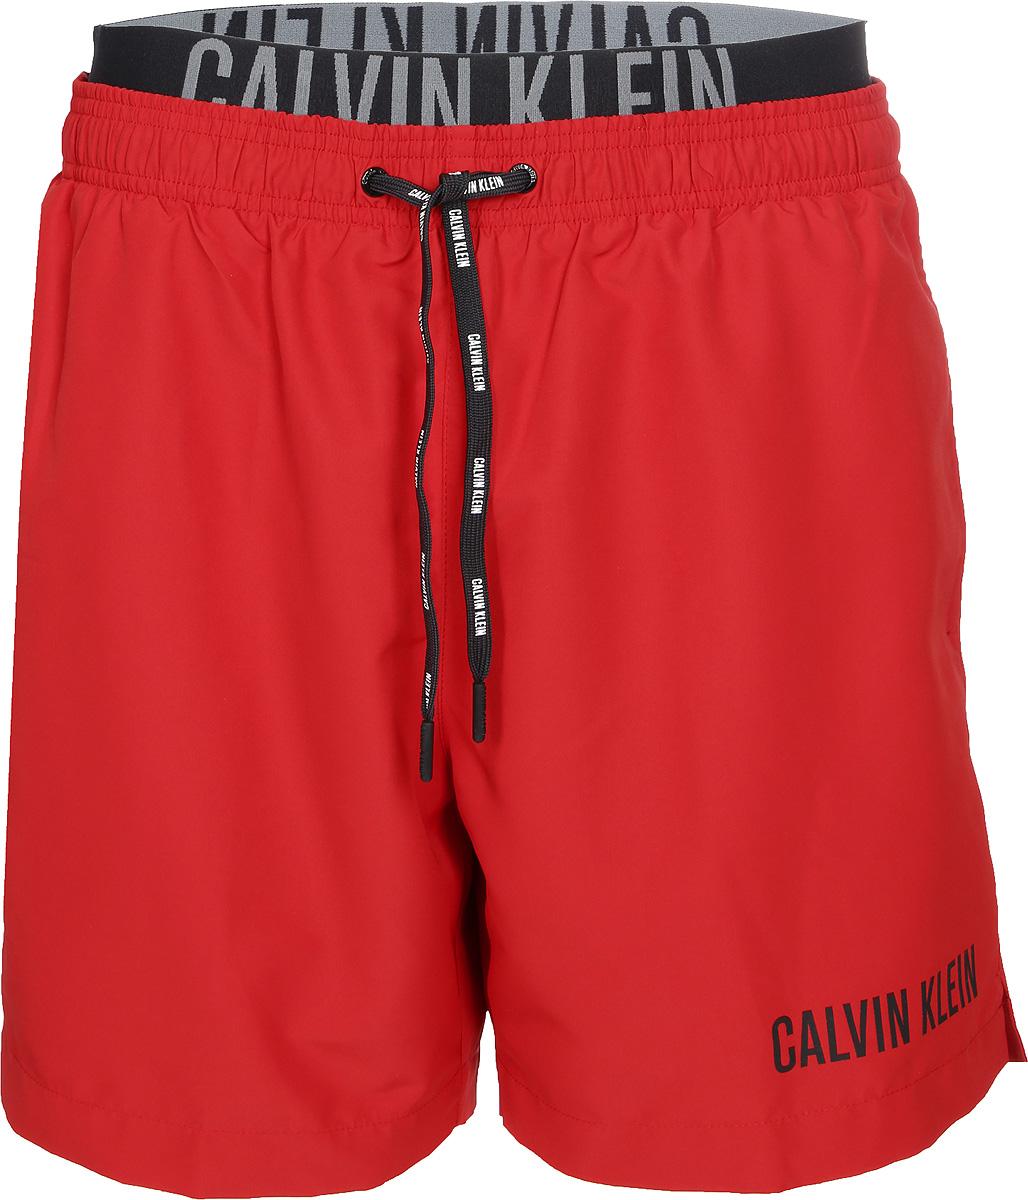 где купить Шорты купальные мужские Calvin Klein Underwear, цвет: красный. KM0KM00156_622. Размер XL (54) по лучшей цене